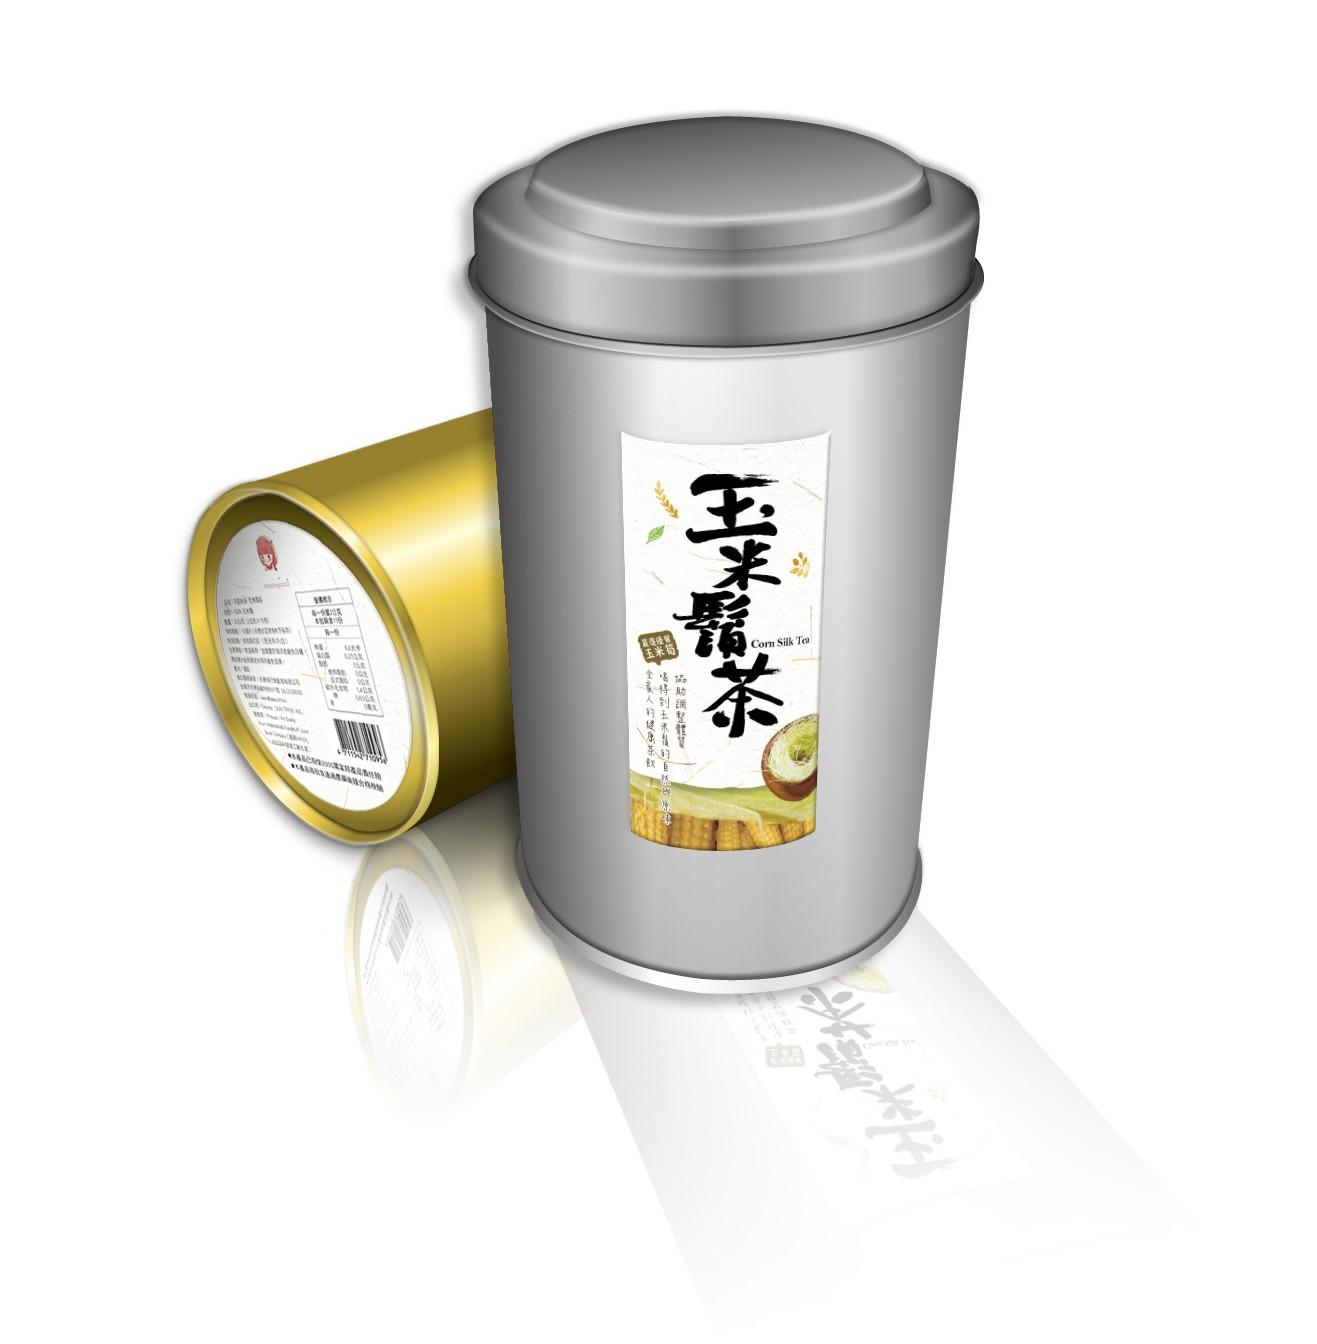 【雙笙妹妹】玉米鬚茶 *鐵罐包裝組合*